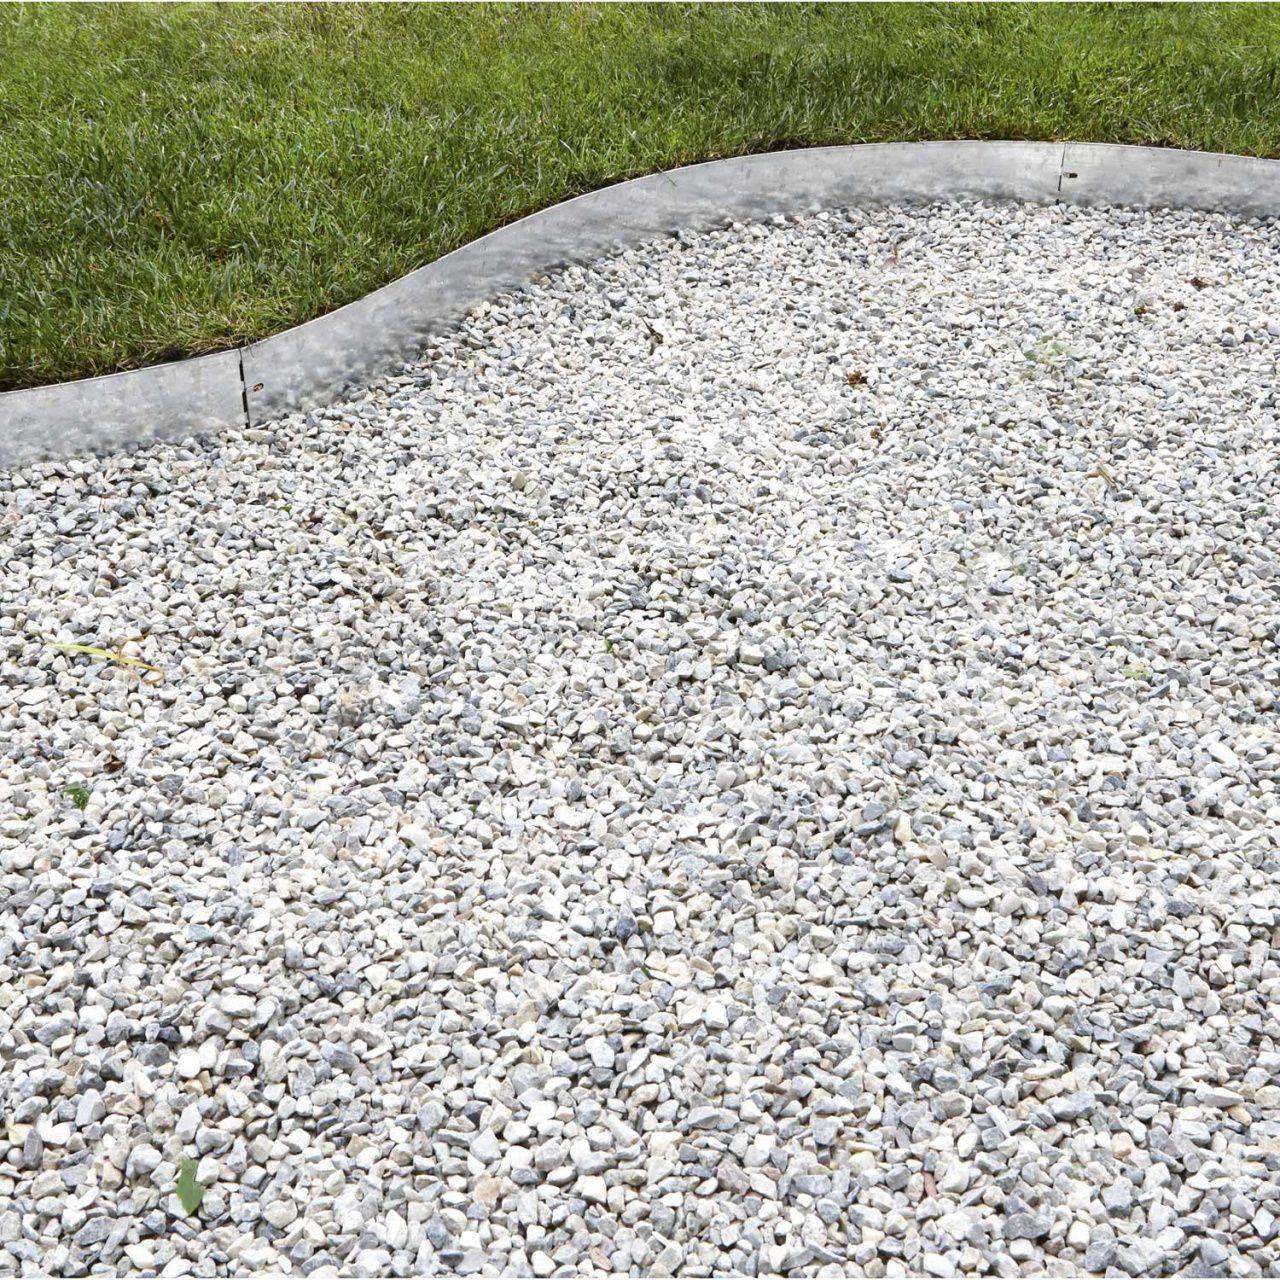 55 Stabilisateur De Gravier Castorama | Planters, Outdoor ... concernant Bordure De Jardin Castorama